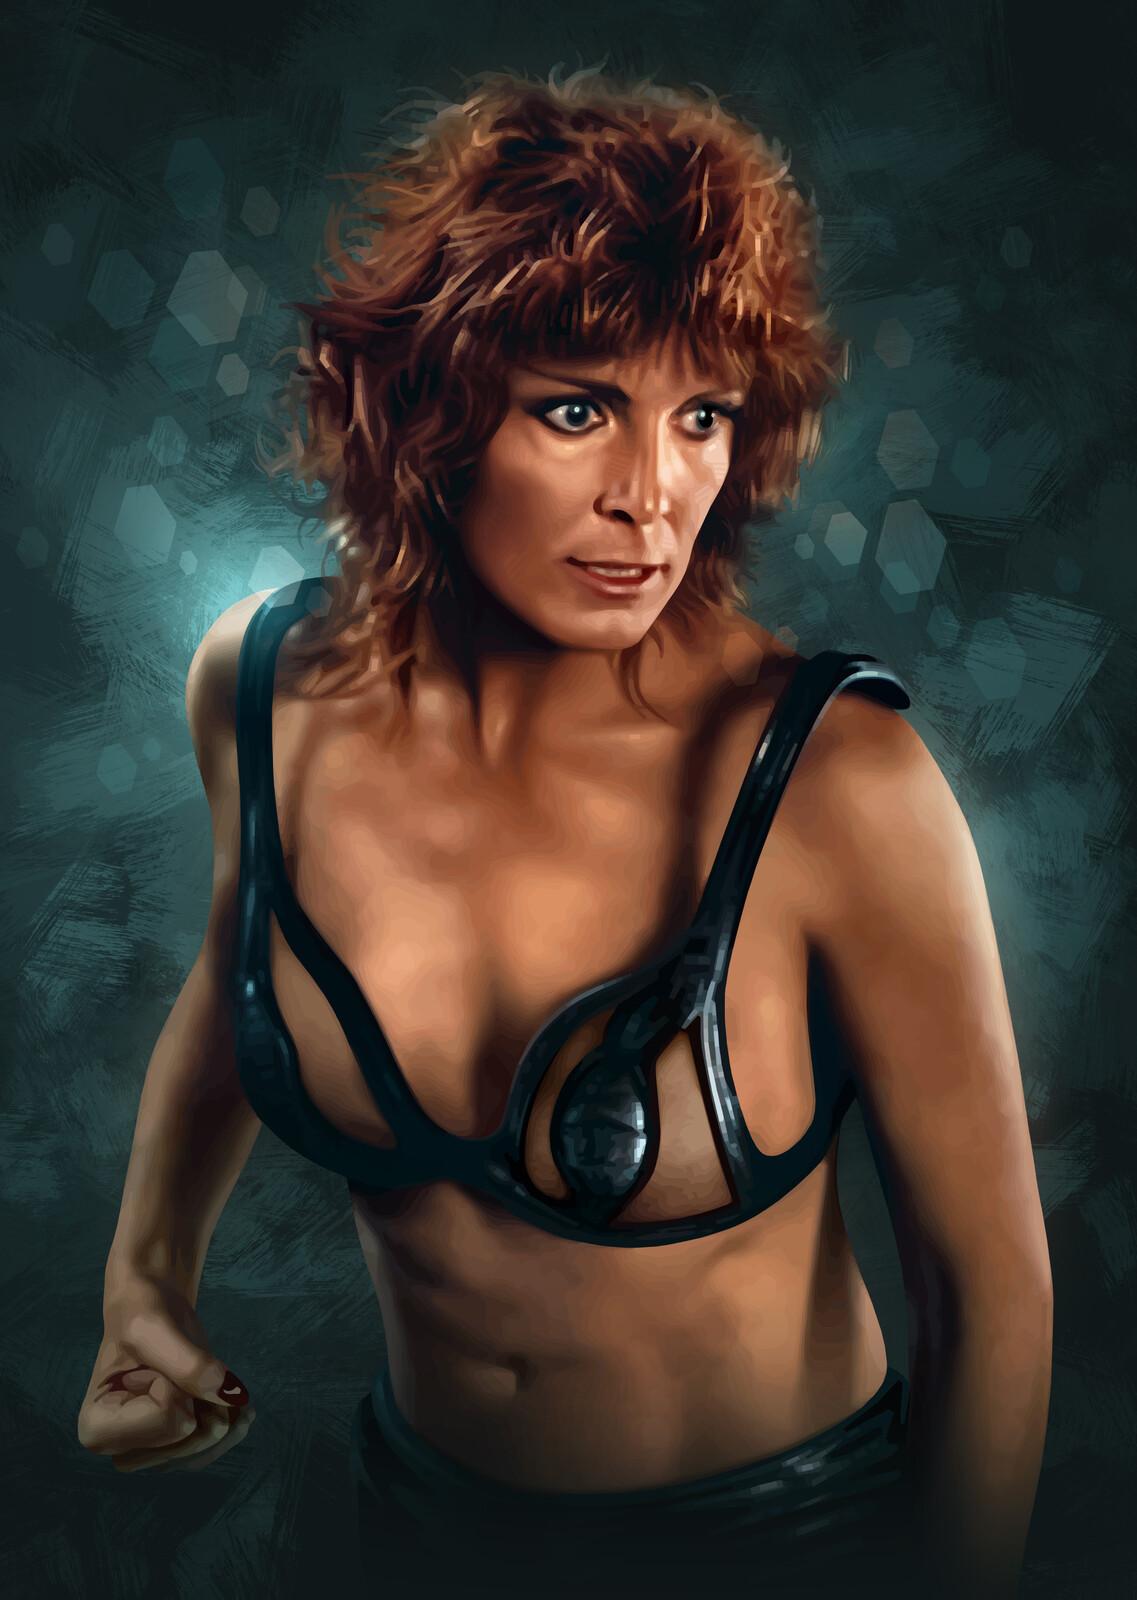 Zhora Portrait (Blade Runner)